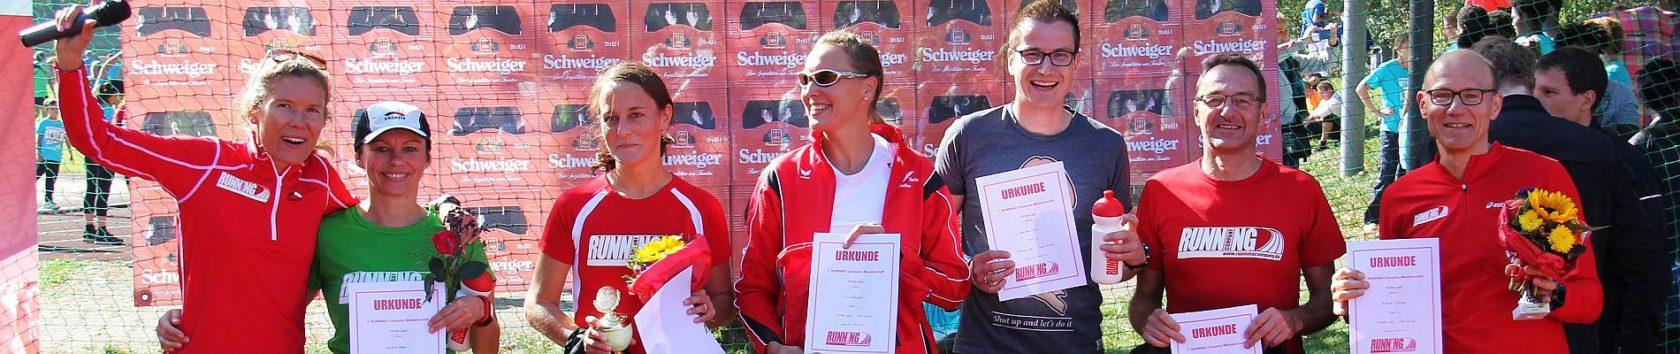 Dein RUNNING Company Trainingsplan für Läufer: für 5km, 10km, Halbmarathon, Marathon und Ultrarunning